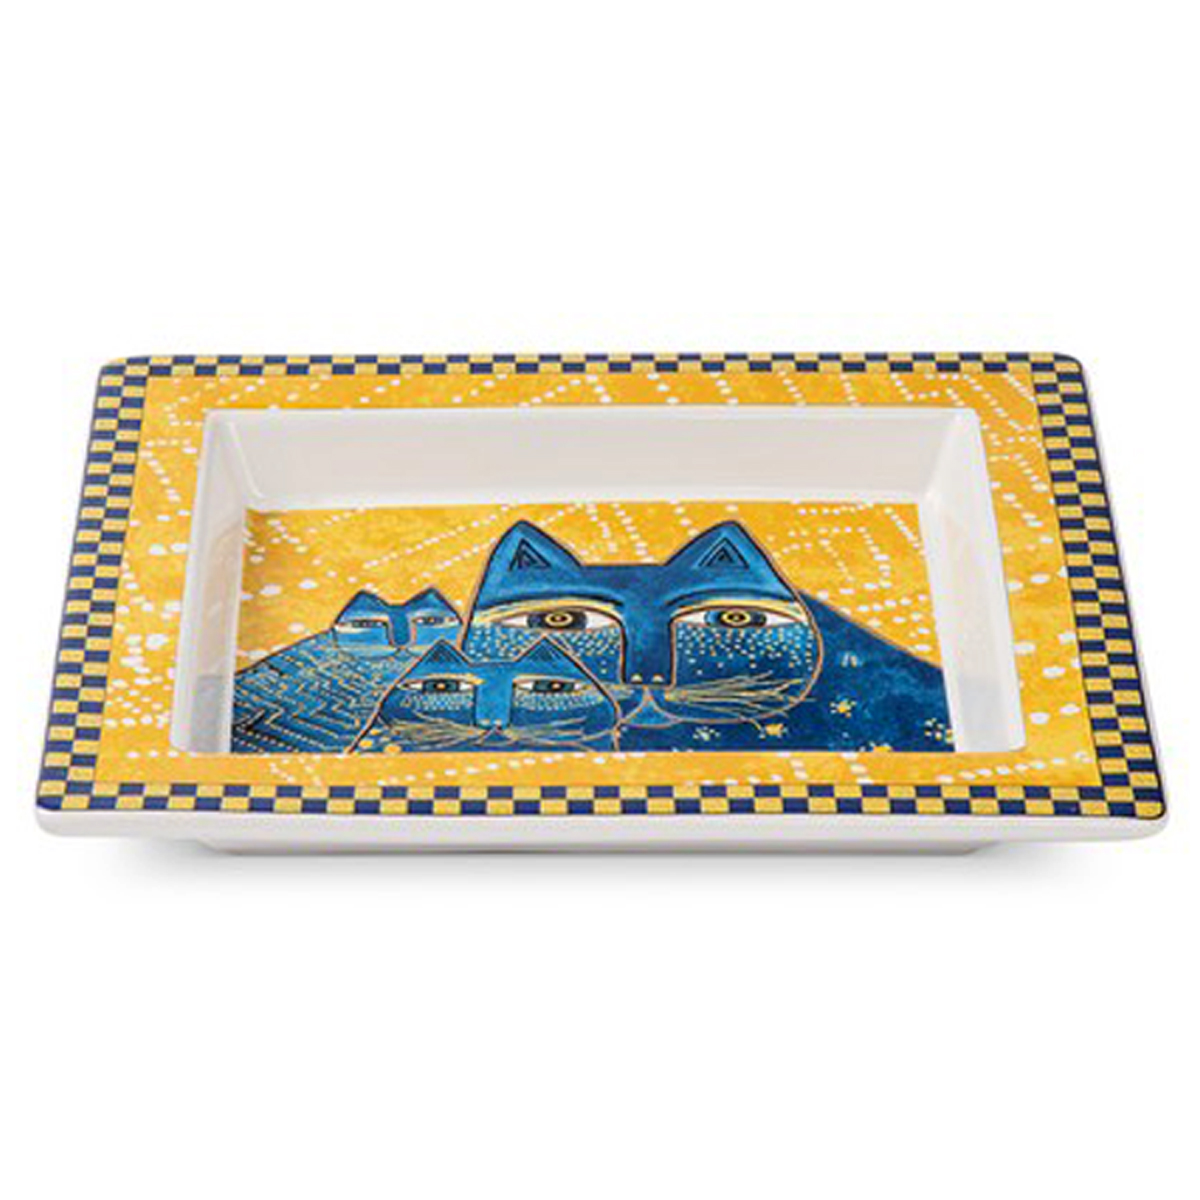 Coupelle Vide-poches porcelaine \'Laurel Burch\' jaune bleu (chats) - 20x18 cm - [A2672]